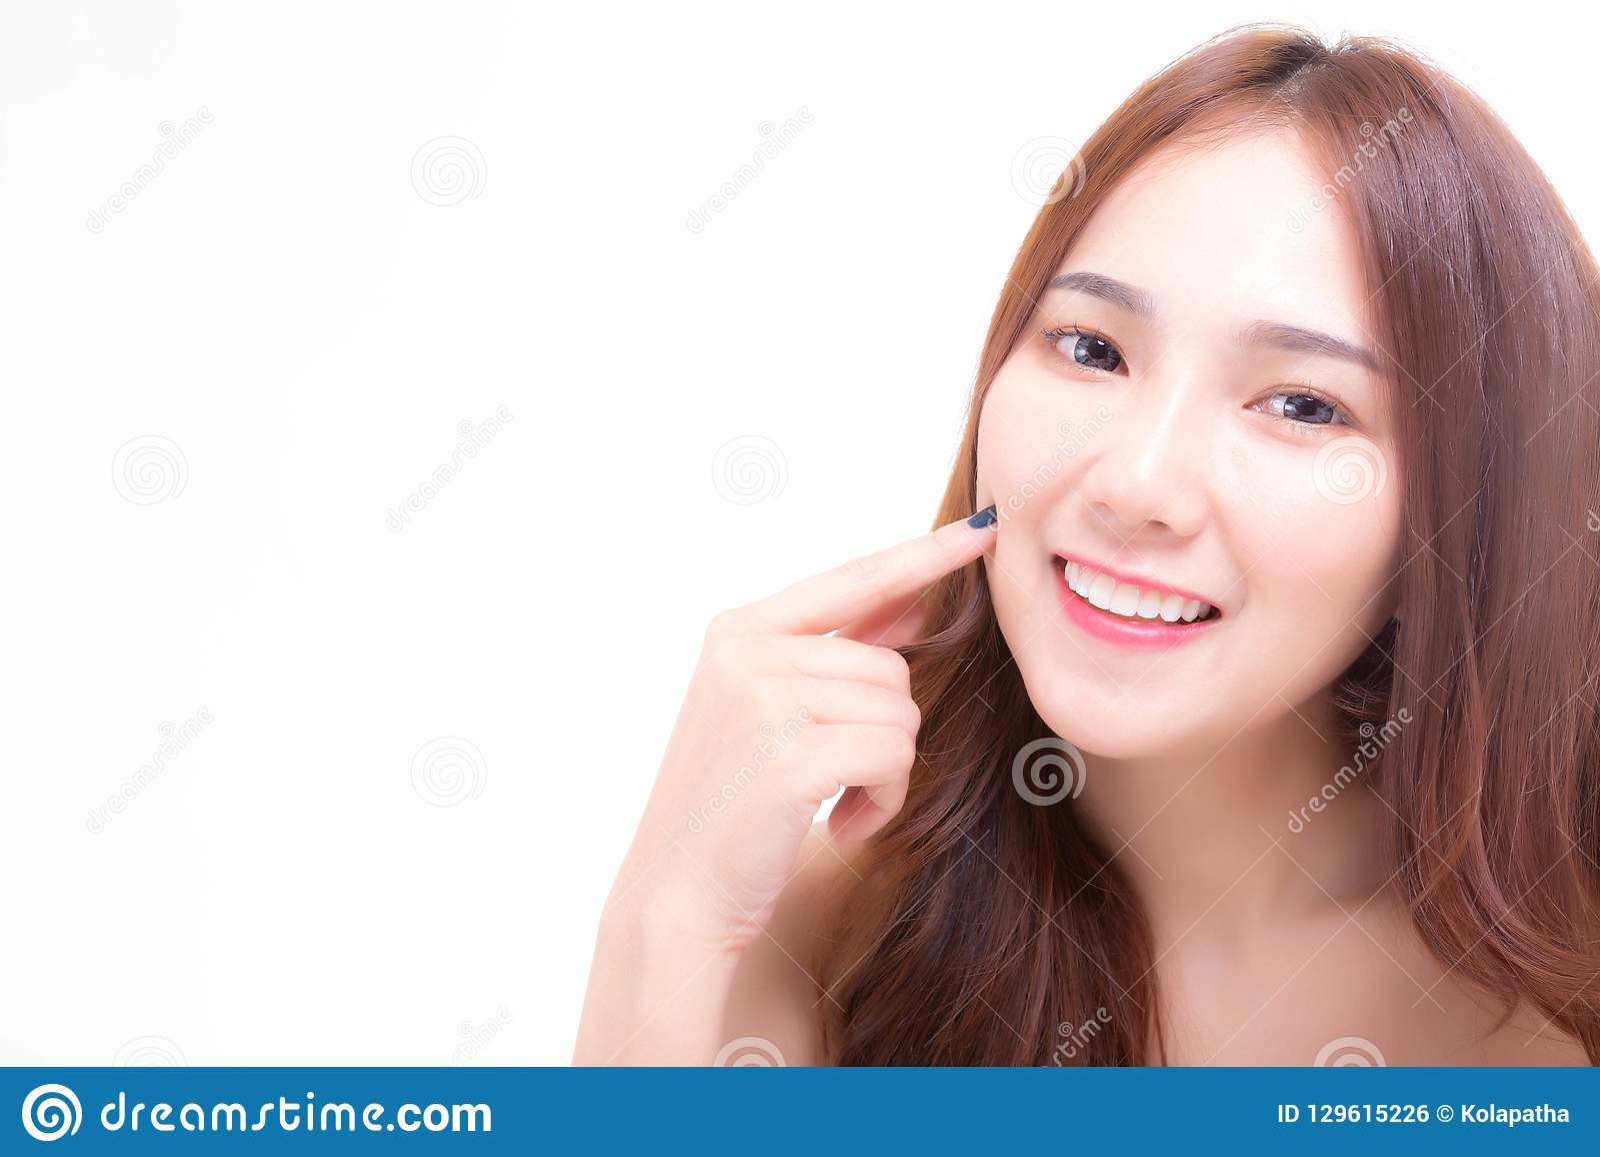 Mordente bonito de encantamento da imprensa do dedo do uso da jovem mulher, mostrando a pele da cara lisa e macia com sorriso